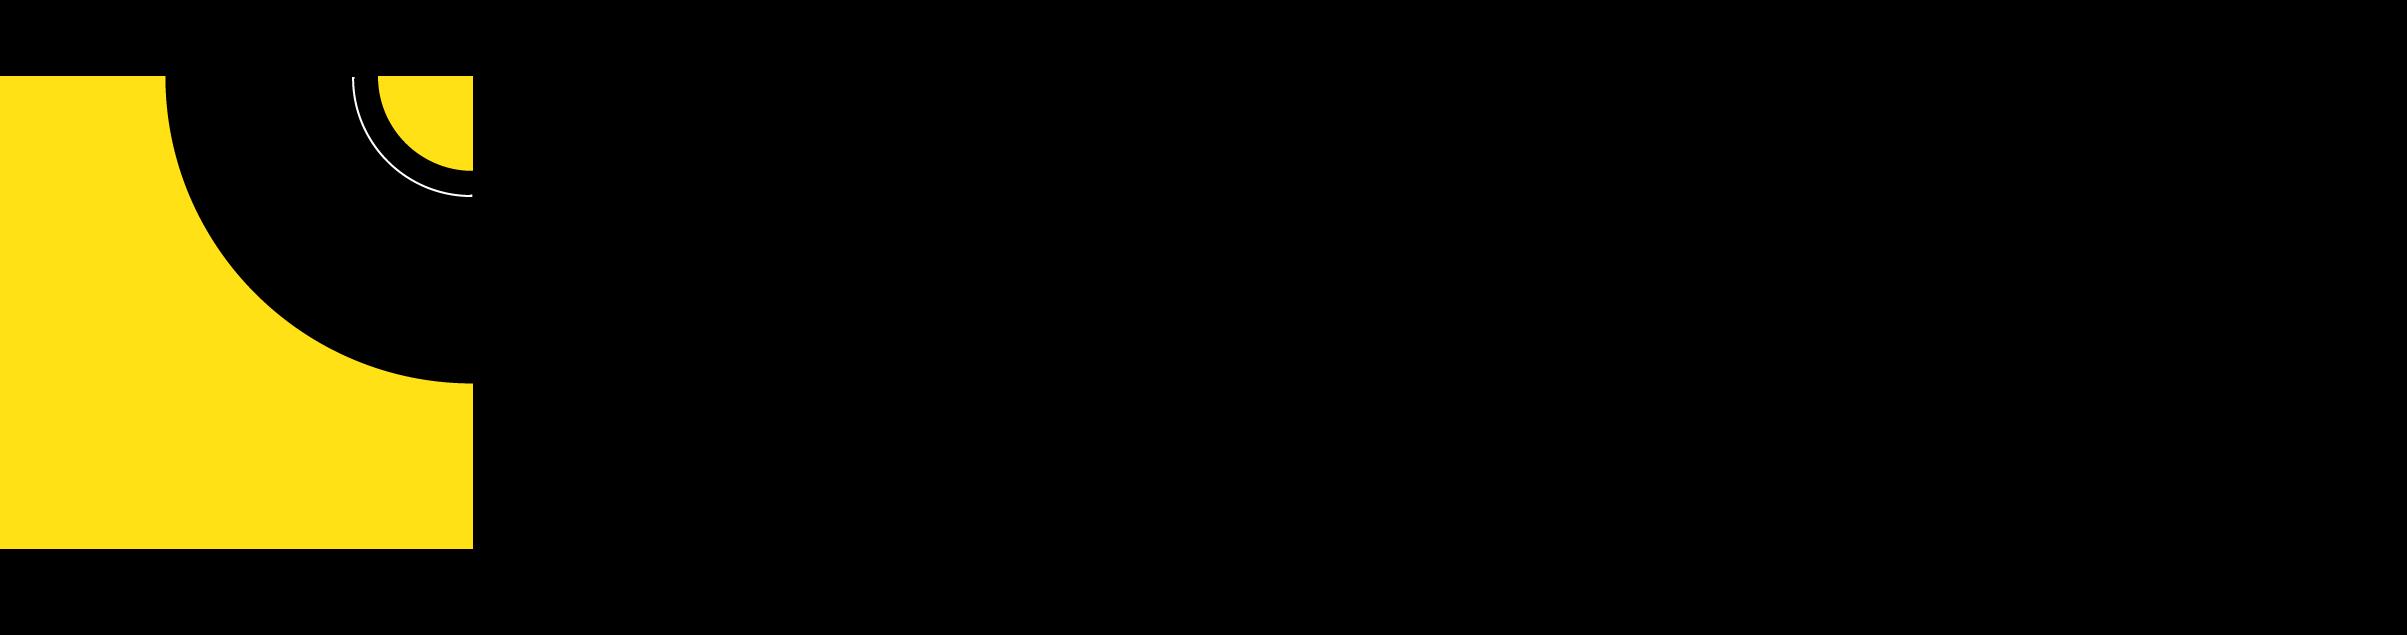 株式会社digglue